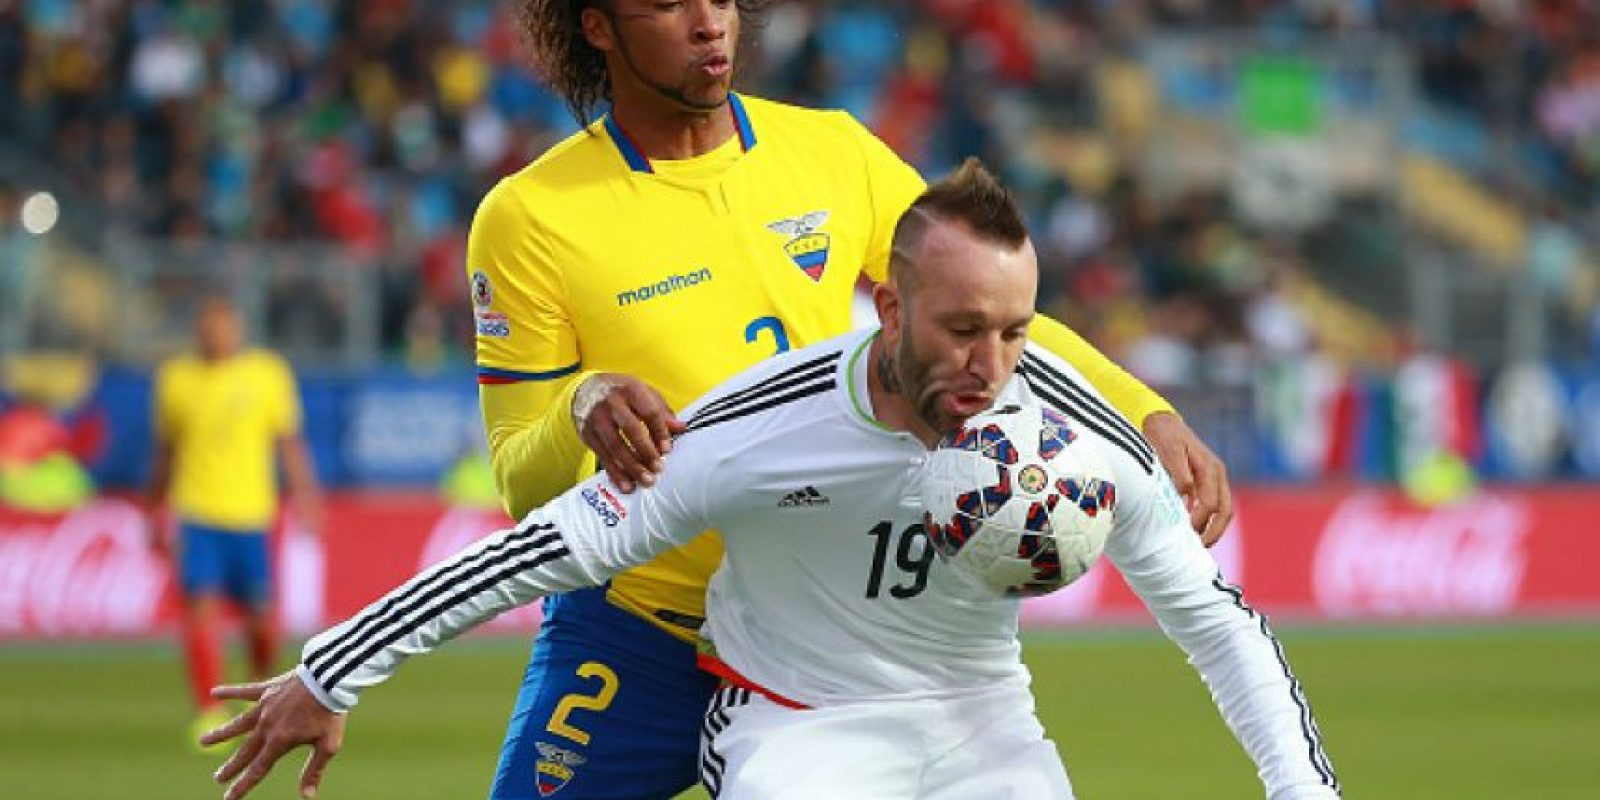 Los ecuatorianos también fueron de las selecciones más limpias del torneo con 51 faltas señaladas. Foto:Getty Images